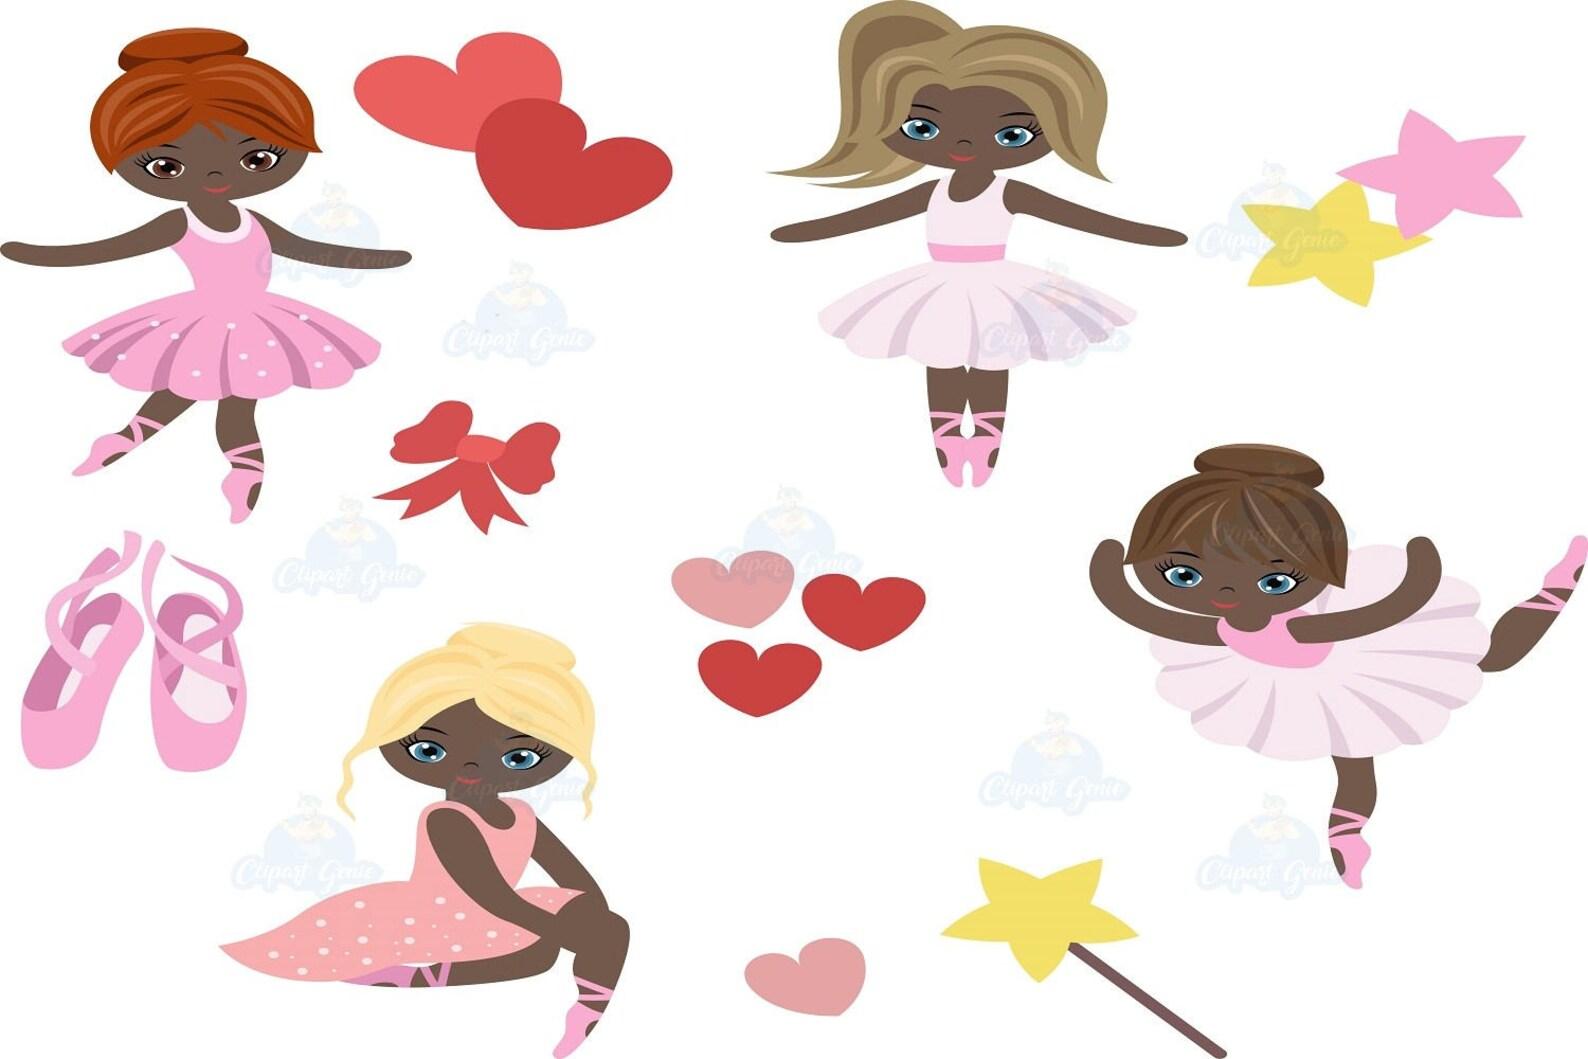 ballerina clipart, ballet clipart, ballerina, girl dancing clipart, ballerinas clipart, ballerina clip art, ballet class, baller